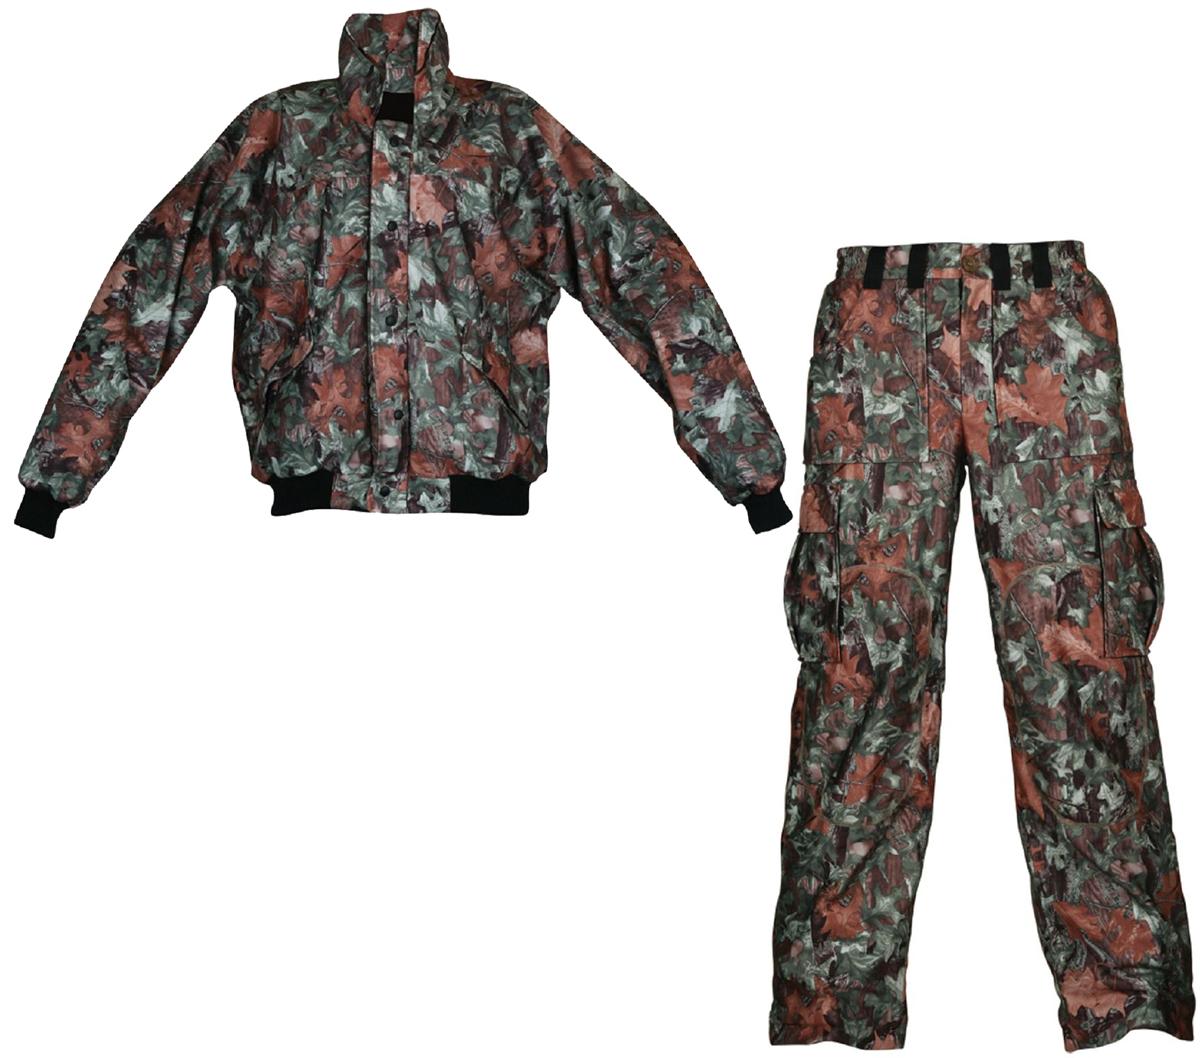 Костюм рыболовный осенний Arctix: куртка, брюки, цвет: камуфляж. 808-00403. Размер LG (52/54)808Одежда для рыбалки изготовлена из 100% флиса и мембранной ткани 5 000/10 000 тем самым обладает дышащими, водо и ветронепроницаемыми свойствами. Брюки имеют эластичный пояс и широкие шлевки под ремень. Контактные зоны брюк усилены накладками. Внизу брюки для рыбалки имеют застежки-молнии, что позволяет быстро надеть одежду не снимая обуви, низ комбинезона оснащен регулируемой манжетой. Брюки абсолютно не шелестят и имеют, карманы на магнитных замках. Куртка абсолютно бесшумная и имеет магнитные замки для карманов. Рукава с трикотажными манжетами и поясом.